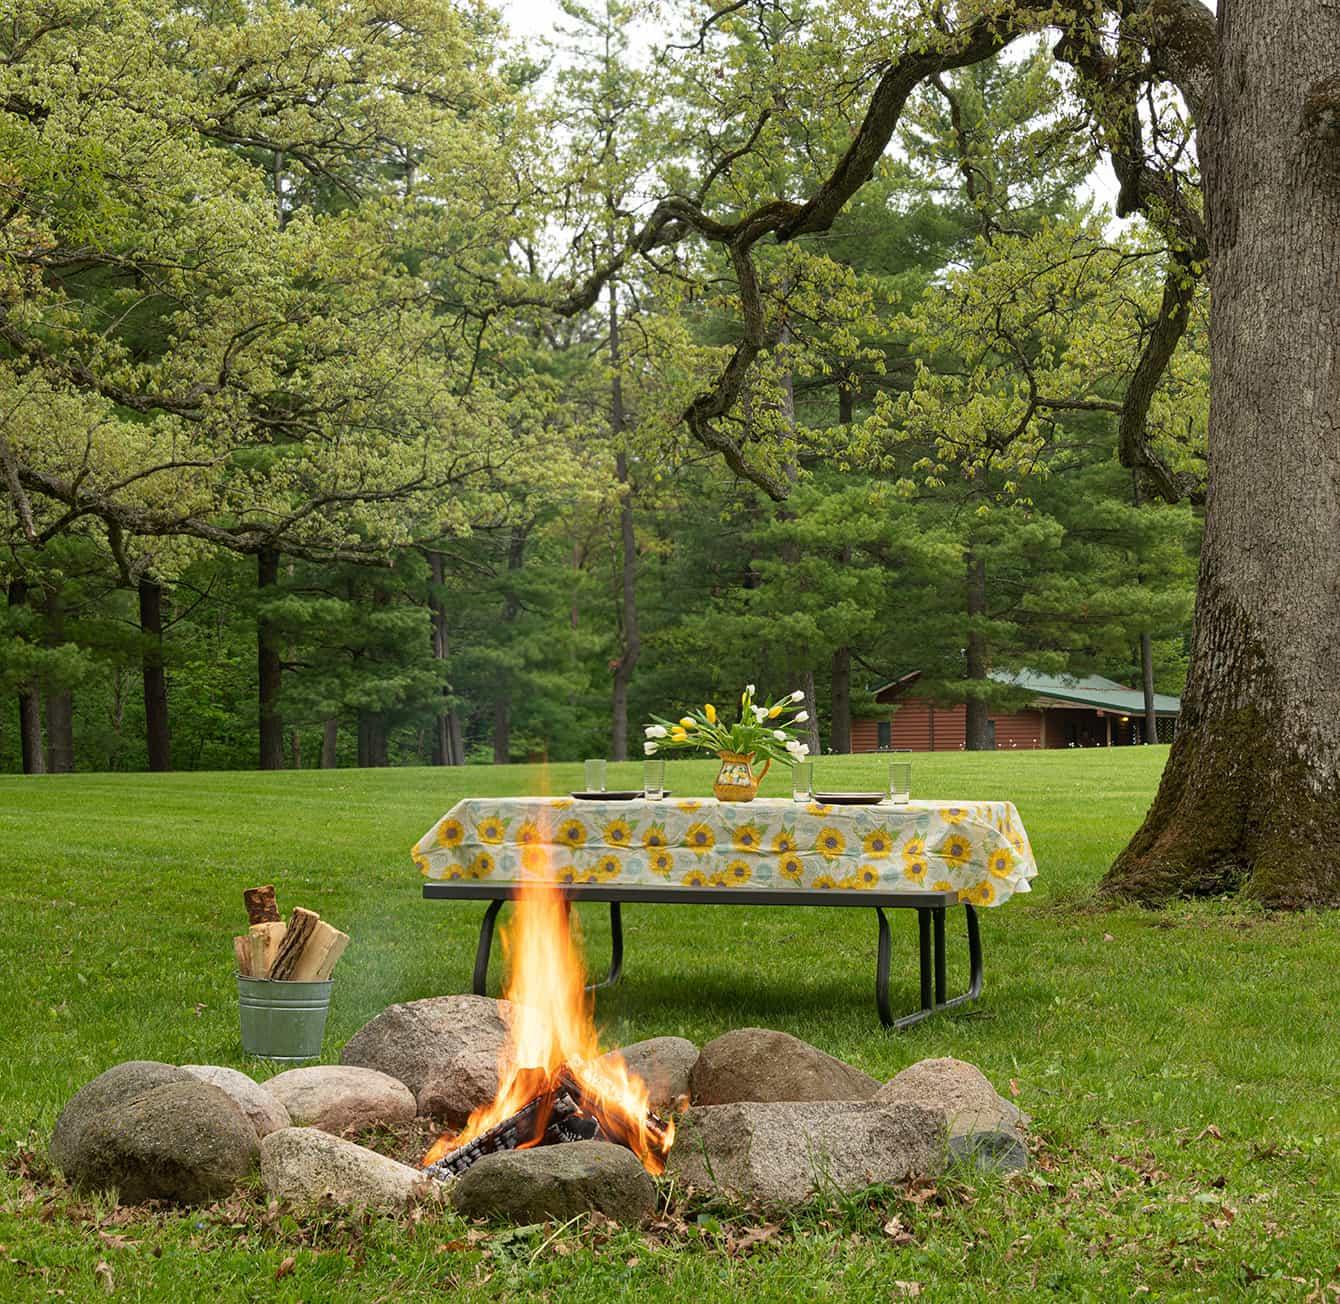 Picnic table and campfire at Kishauwau Cabins